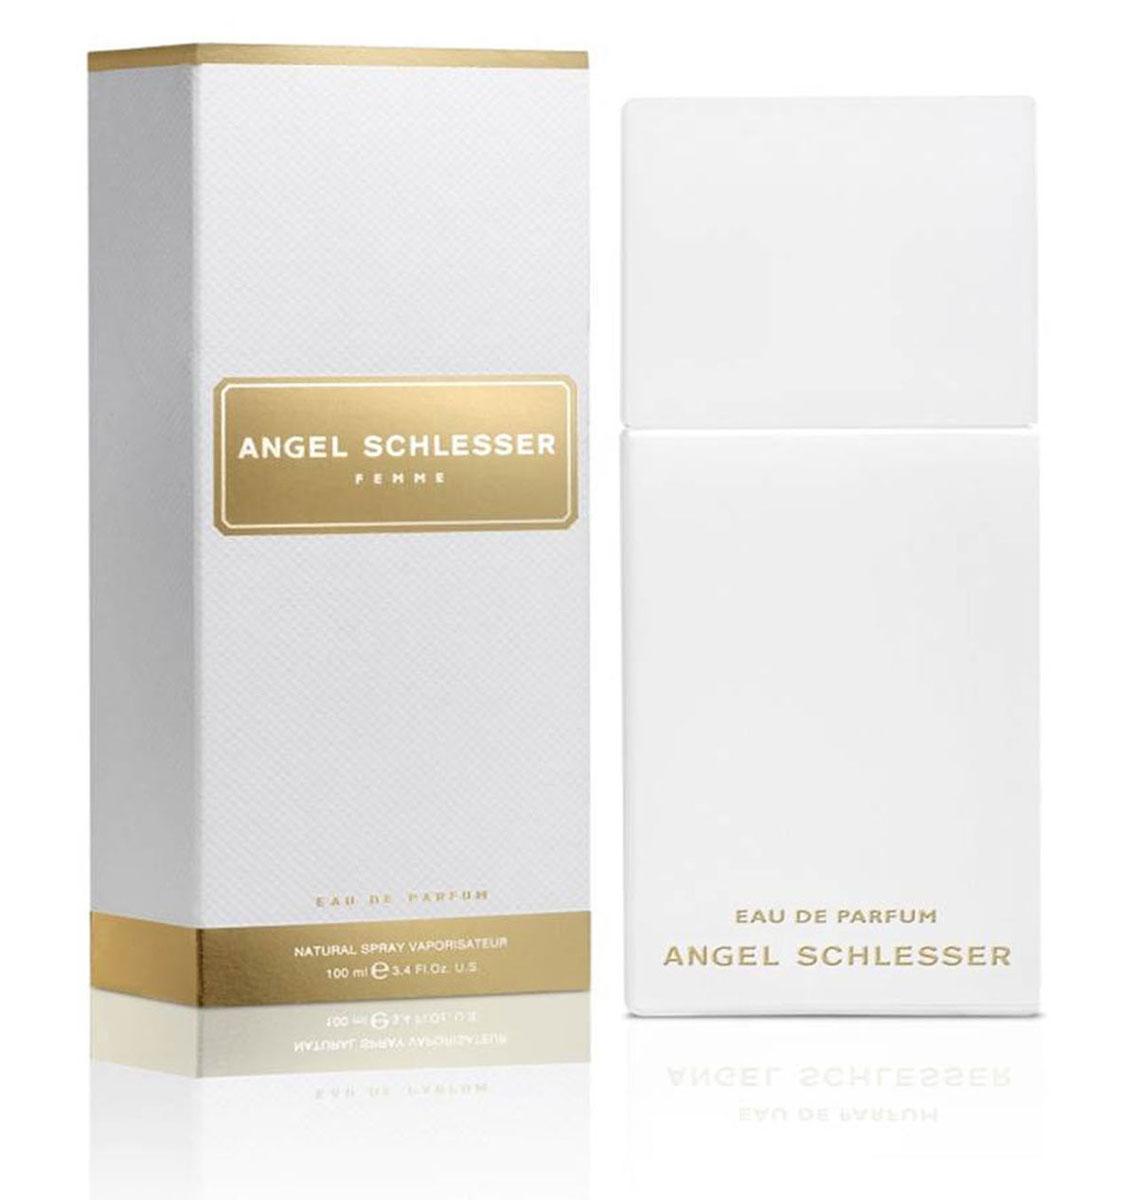 Angel Schlesser Femme Парфюмерная вода, женская, 50 мл49198Новая Парфюмированная вода ANGEL SCHLESSER FEMME основана на оригинальной парфюмерной композиции. Она передает тот же свежий, прозрачный аромат, становясь при этом более чувственной и теплой. Аромат контрастов, где свежесть и теплота чередуются с красотой и элегантностью, соблазнительное очарование женщины передает интенсивная композиция, полная женственной чувственности. Женщина ANGEL SCHLESSER FEMME обладает естественной элегантностью и внутренней красотой. Ей не нужны вычурные аксессуары для привлечения внимания. Все что ей нужно – быть настоящей, быть собой. А ее аромат – это часть ее индивидуальности. Парфюмированная вода ANGEL SCHLESSER FEMME делает акцент на ее обольстительной природе и придает ей больше притягательности, чувственности и теплоты. СТРУКТУРА АРОМАТА Верхние ноты: Мандарин, Португальский черный перец, Бергамот. Начальные ноты представляют собой искрящуюся свежесть бергамота и мандарина, которая вступает в контраст с пикантной теплотой перца. Сердечные...